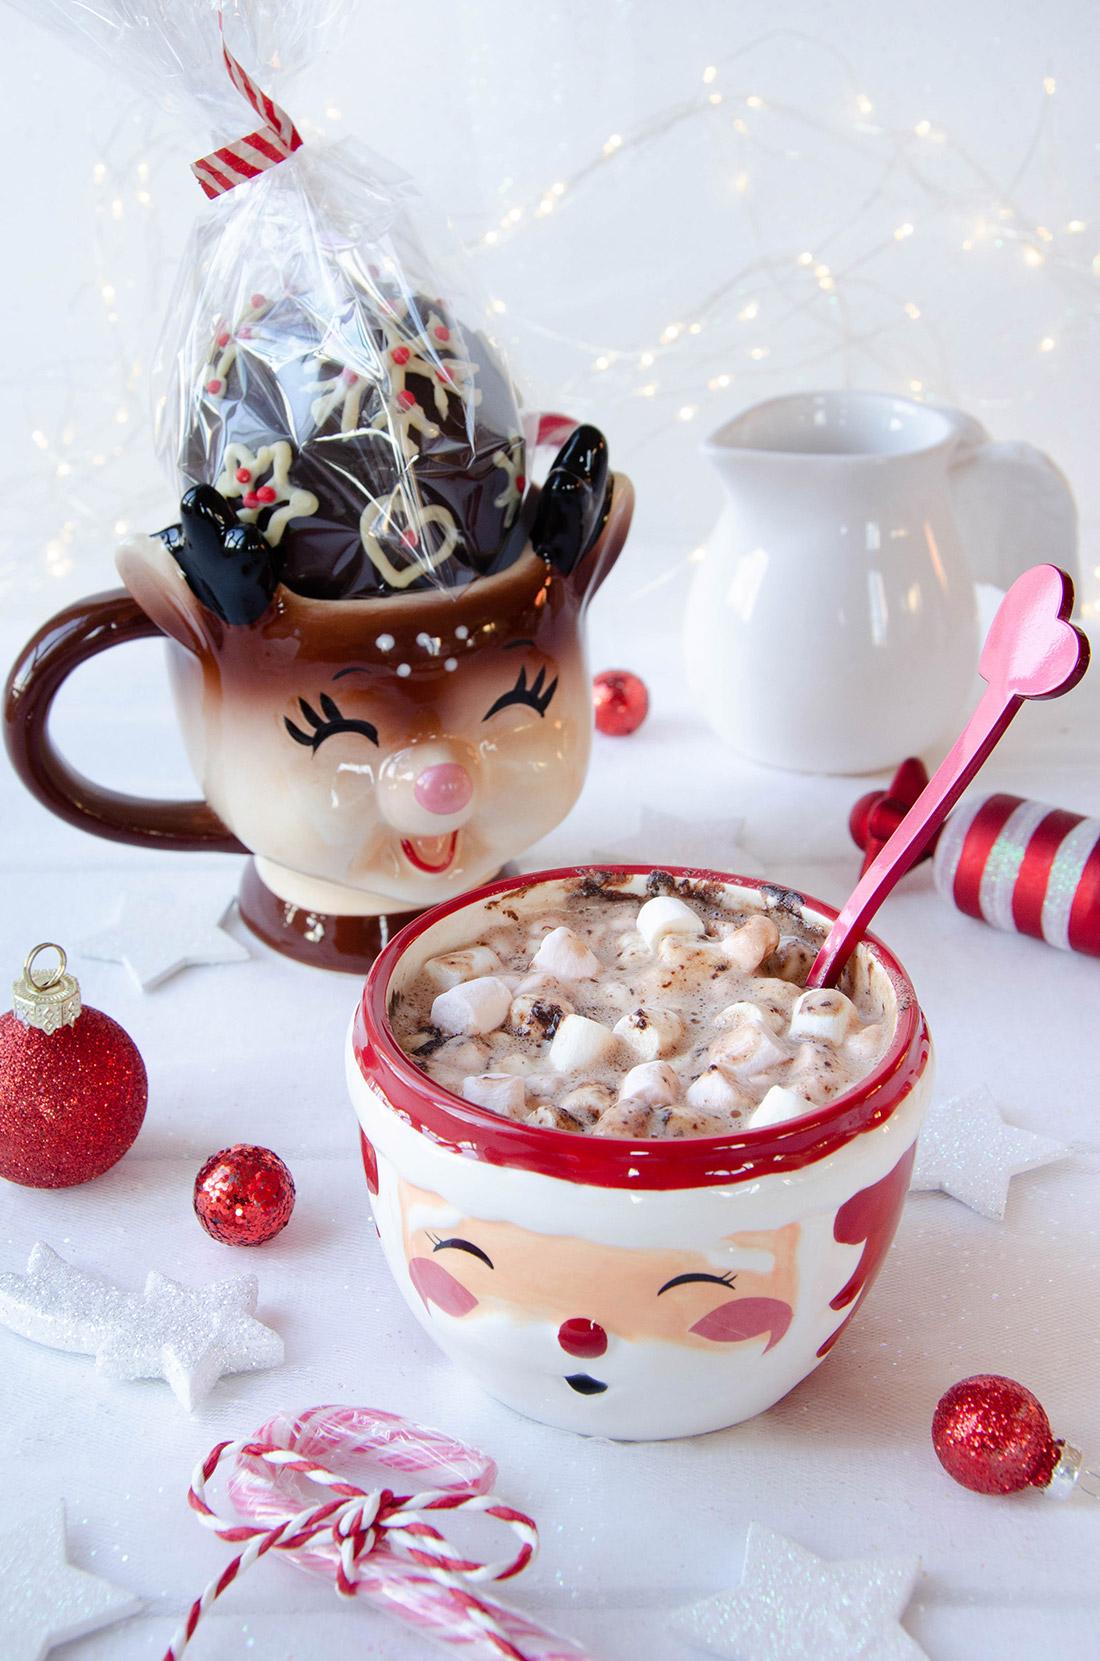 Pensez à vos cadeaux gourmands en réalisant des bombes à chocolat chaud, les fameuses Hot chocolate bomb.